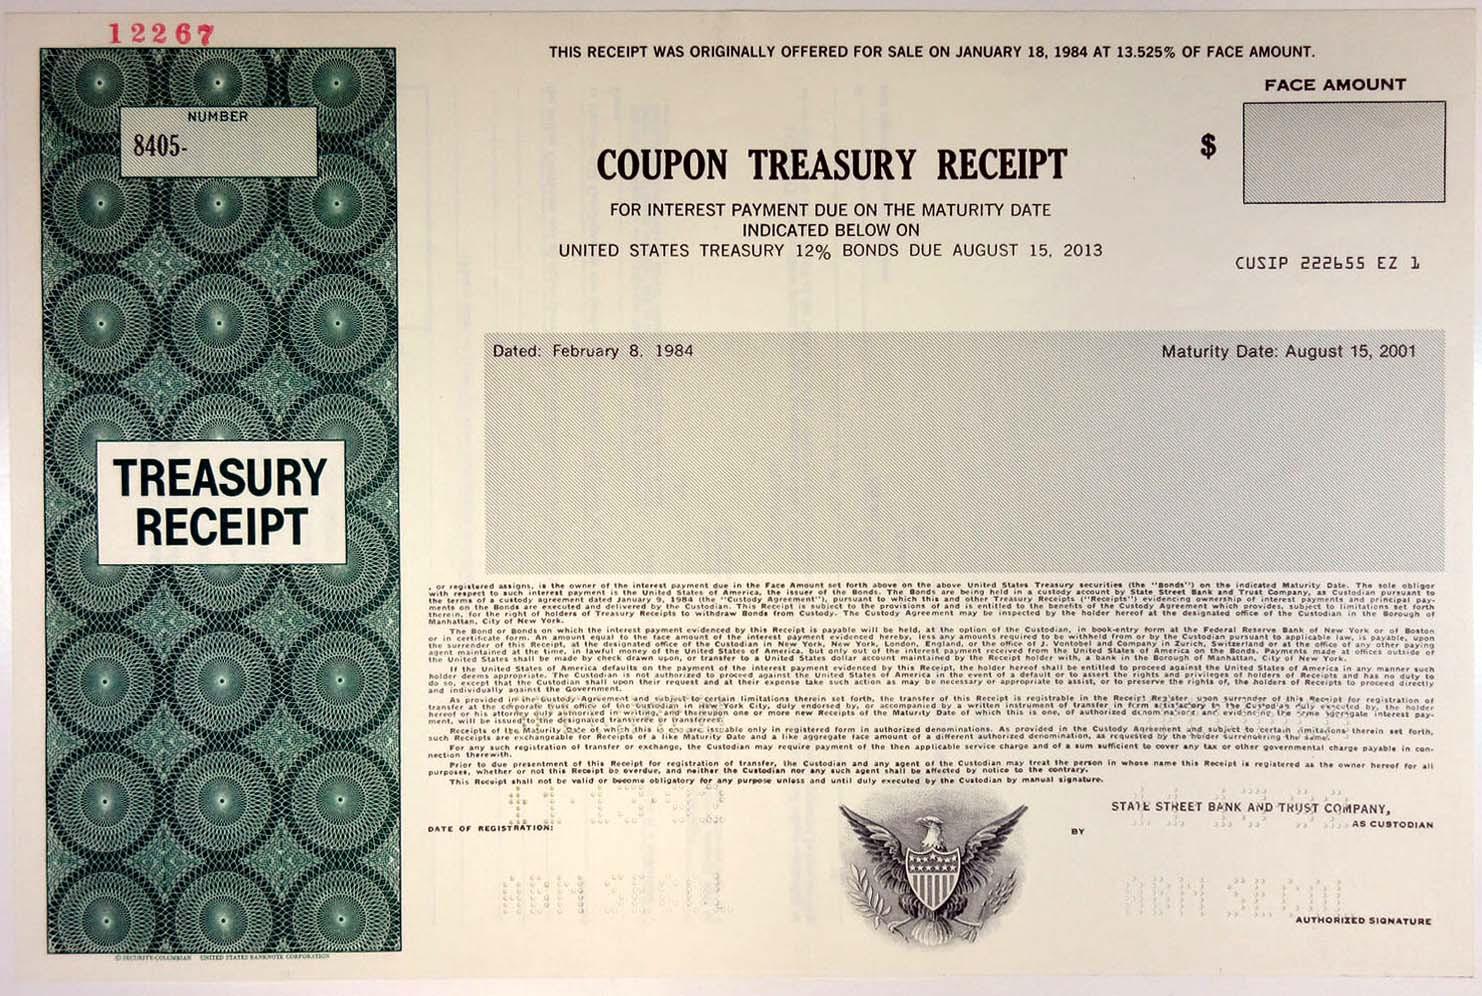 Coupon Treasury Receipt.jpg